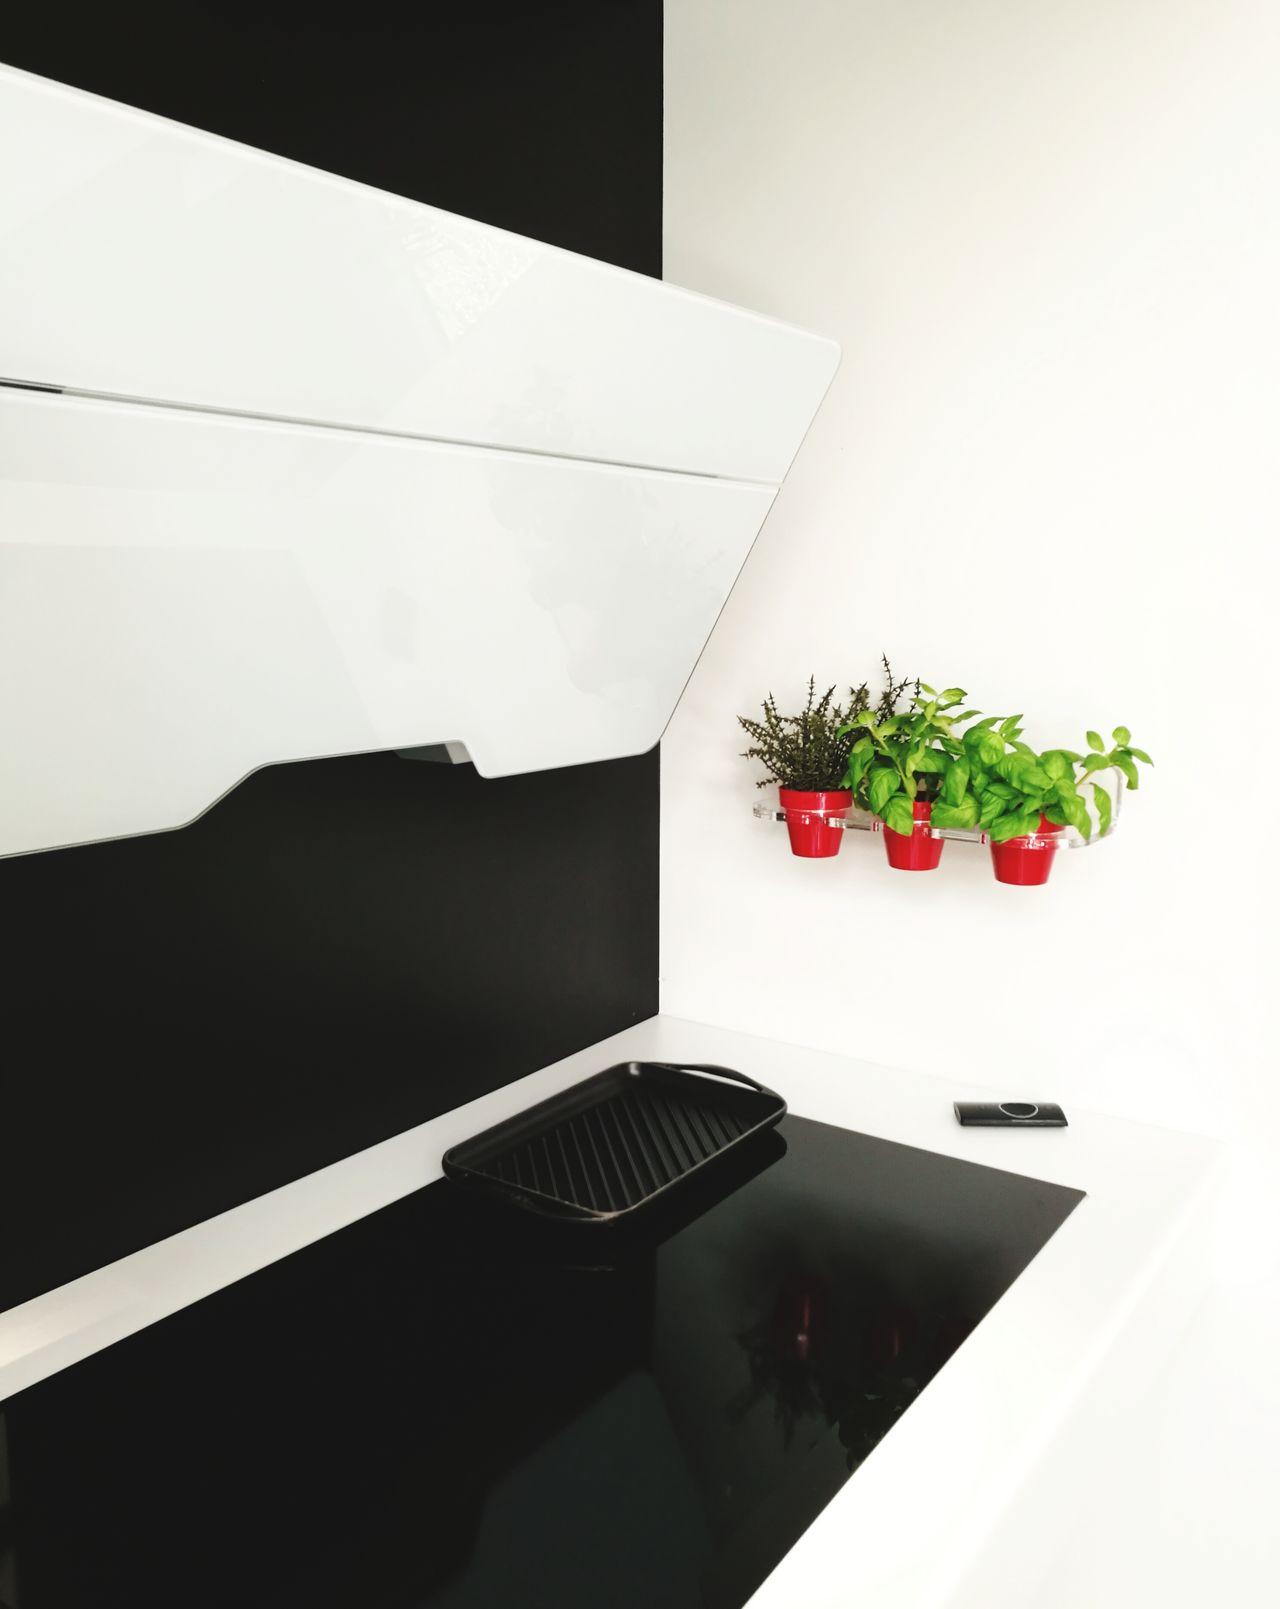 Kitchen Interior Design Interior Design Herbs HOB Hood Blackandwhite